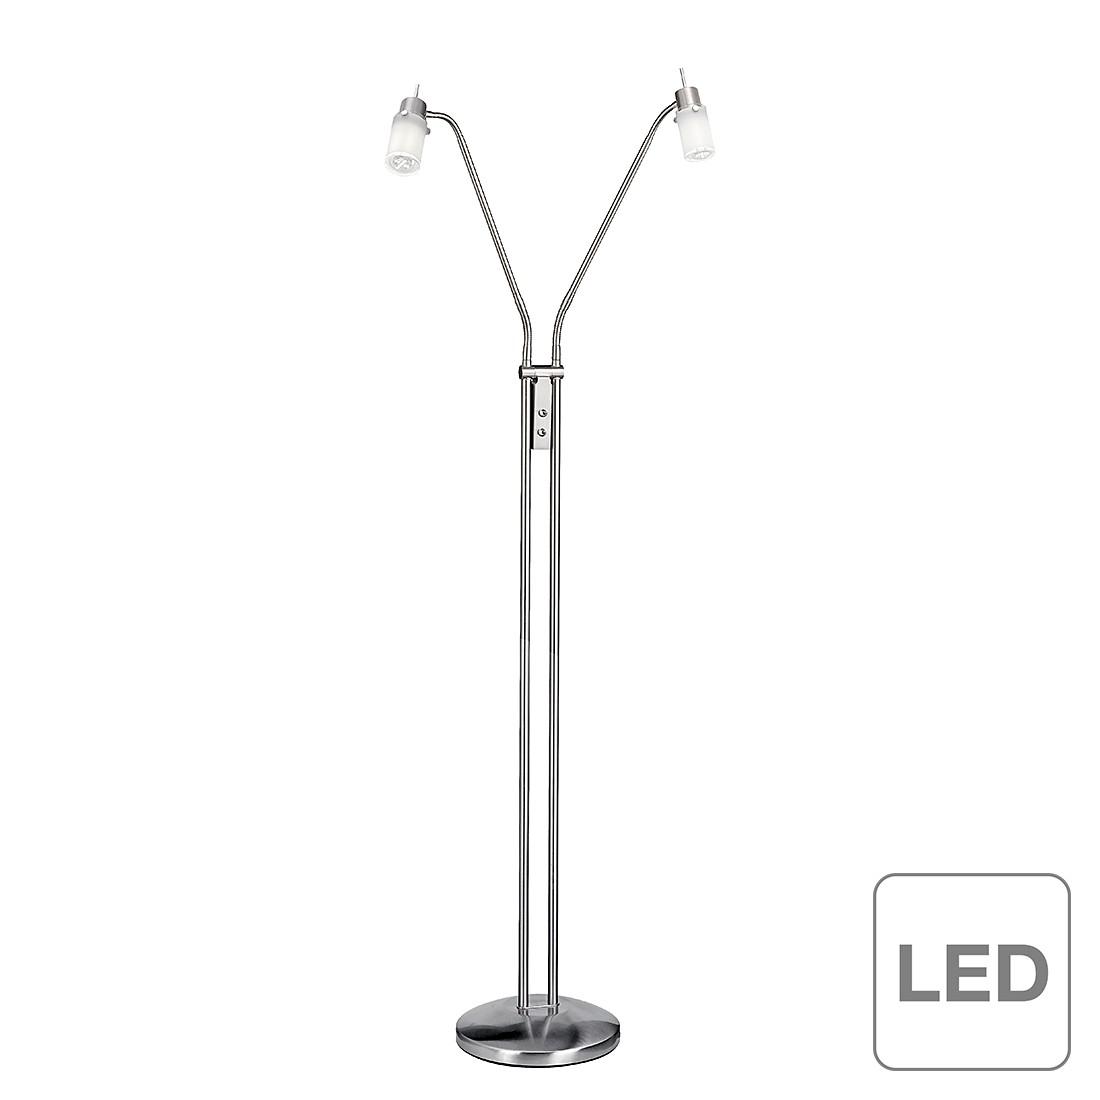 EEK A++, Lampadaire Max Led - 2 ampoules, Leuchten Direkt